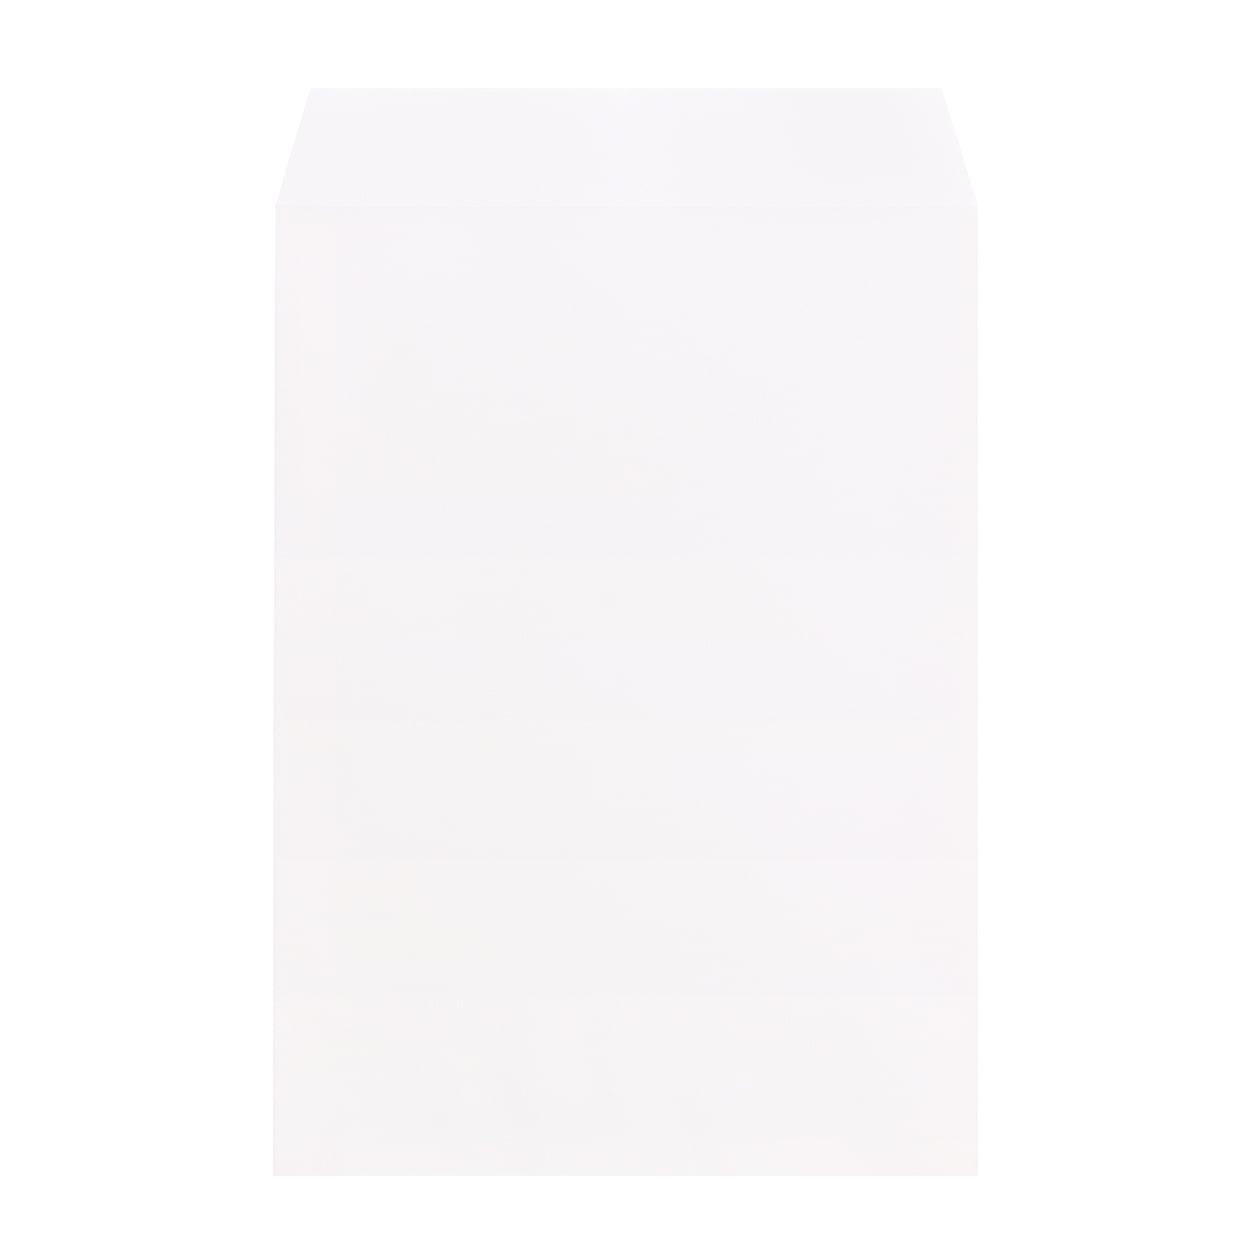 角2封筒 コットンレイド スノーホワイト 116.3g